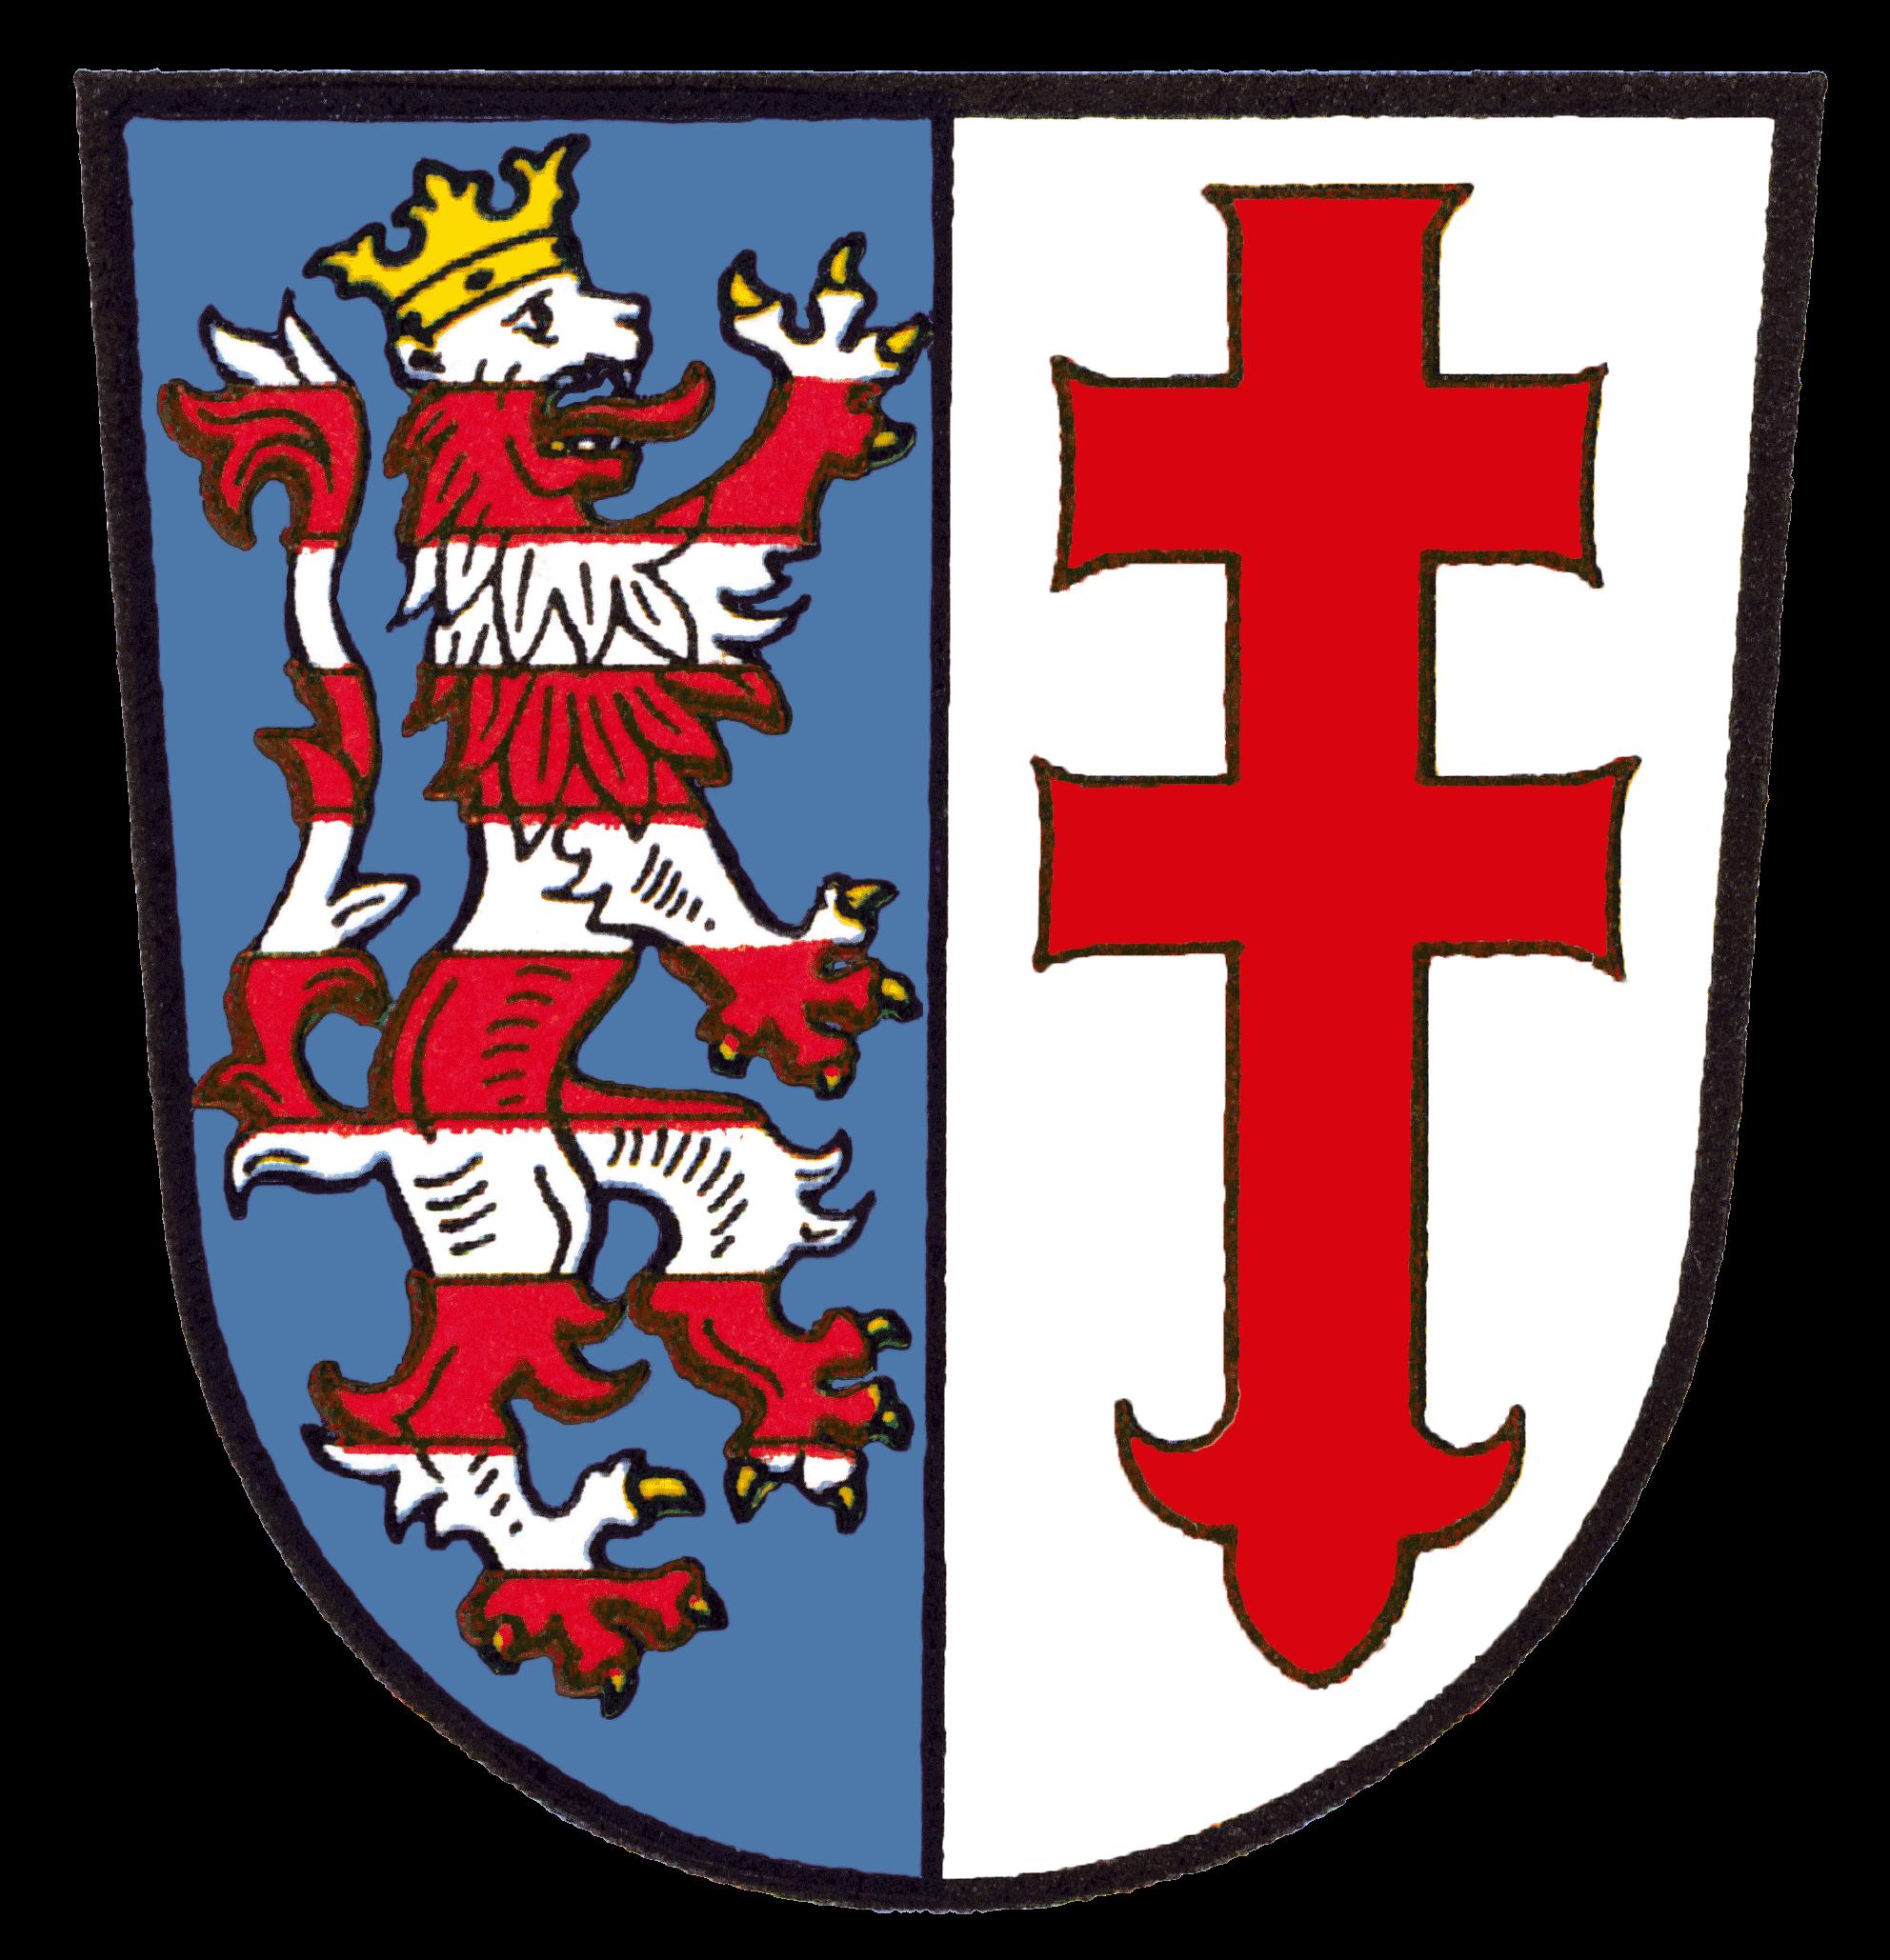 Wohndesign Bad Hersfeld: Bad Hersfeld